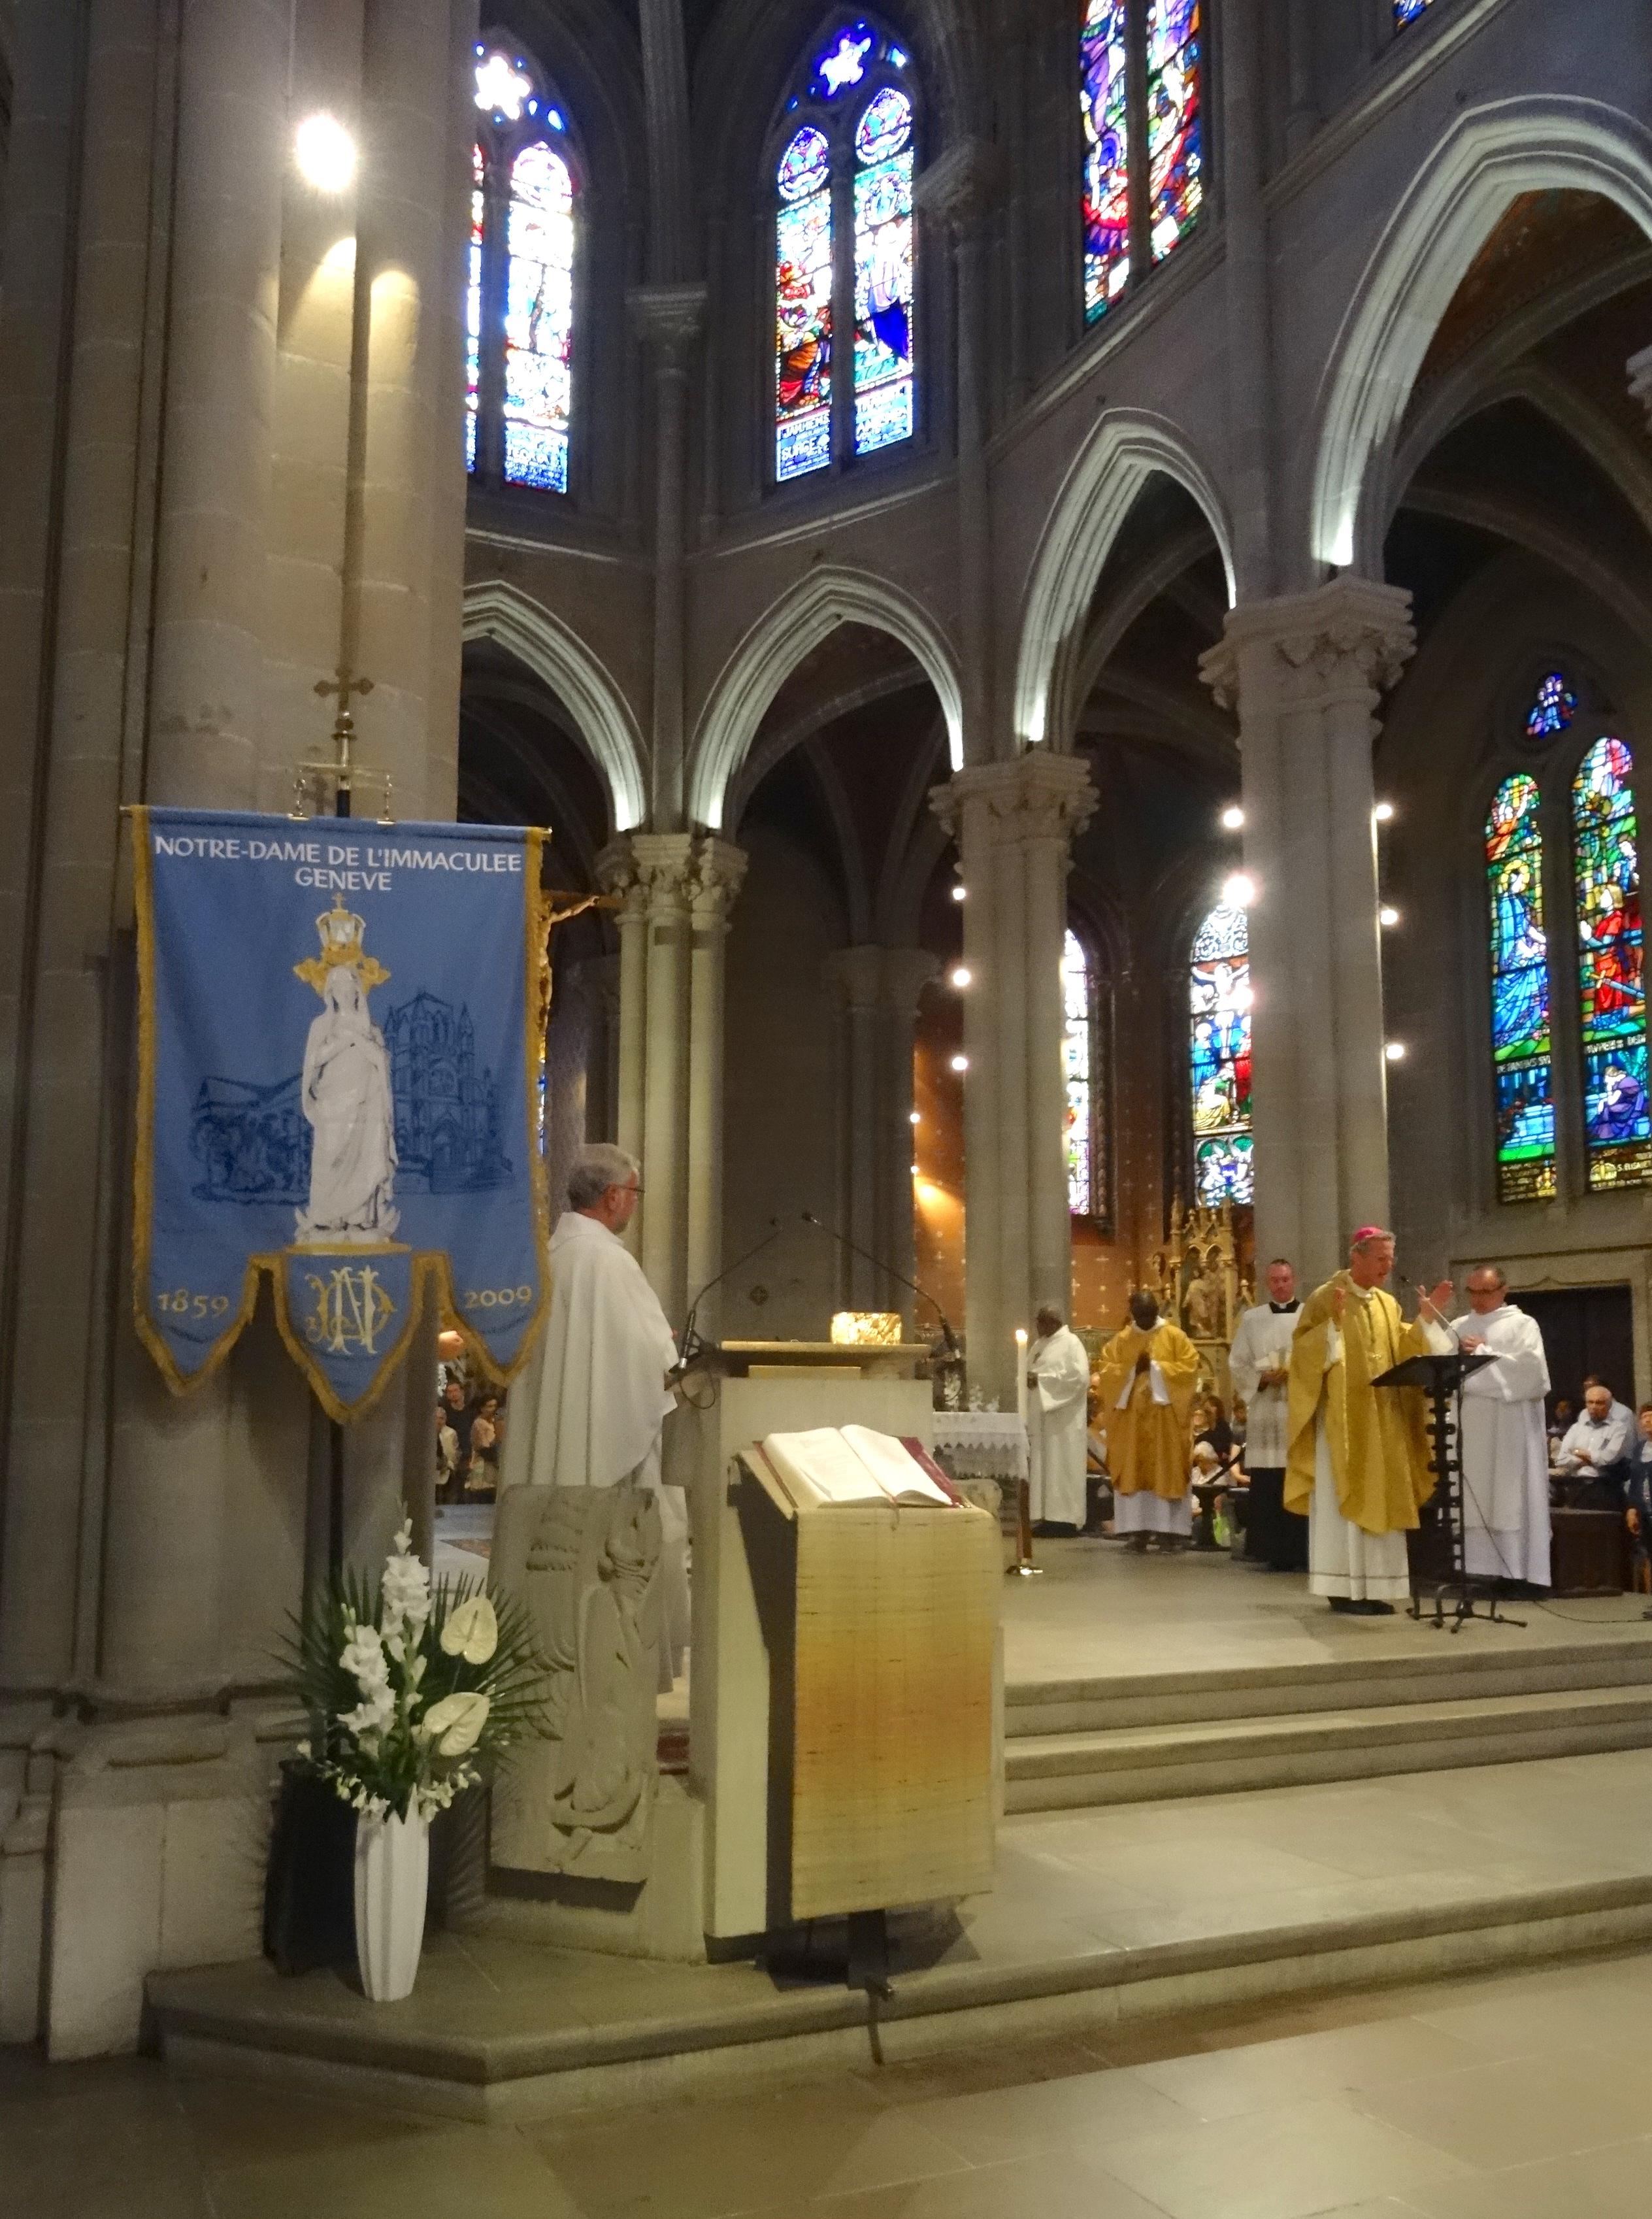 15 08 19 Mrg Alain de Raemy préside la messe de l'Assomption à 18h30